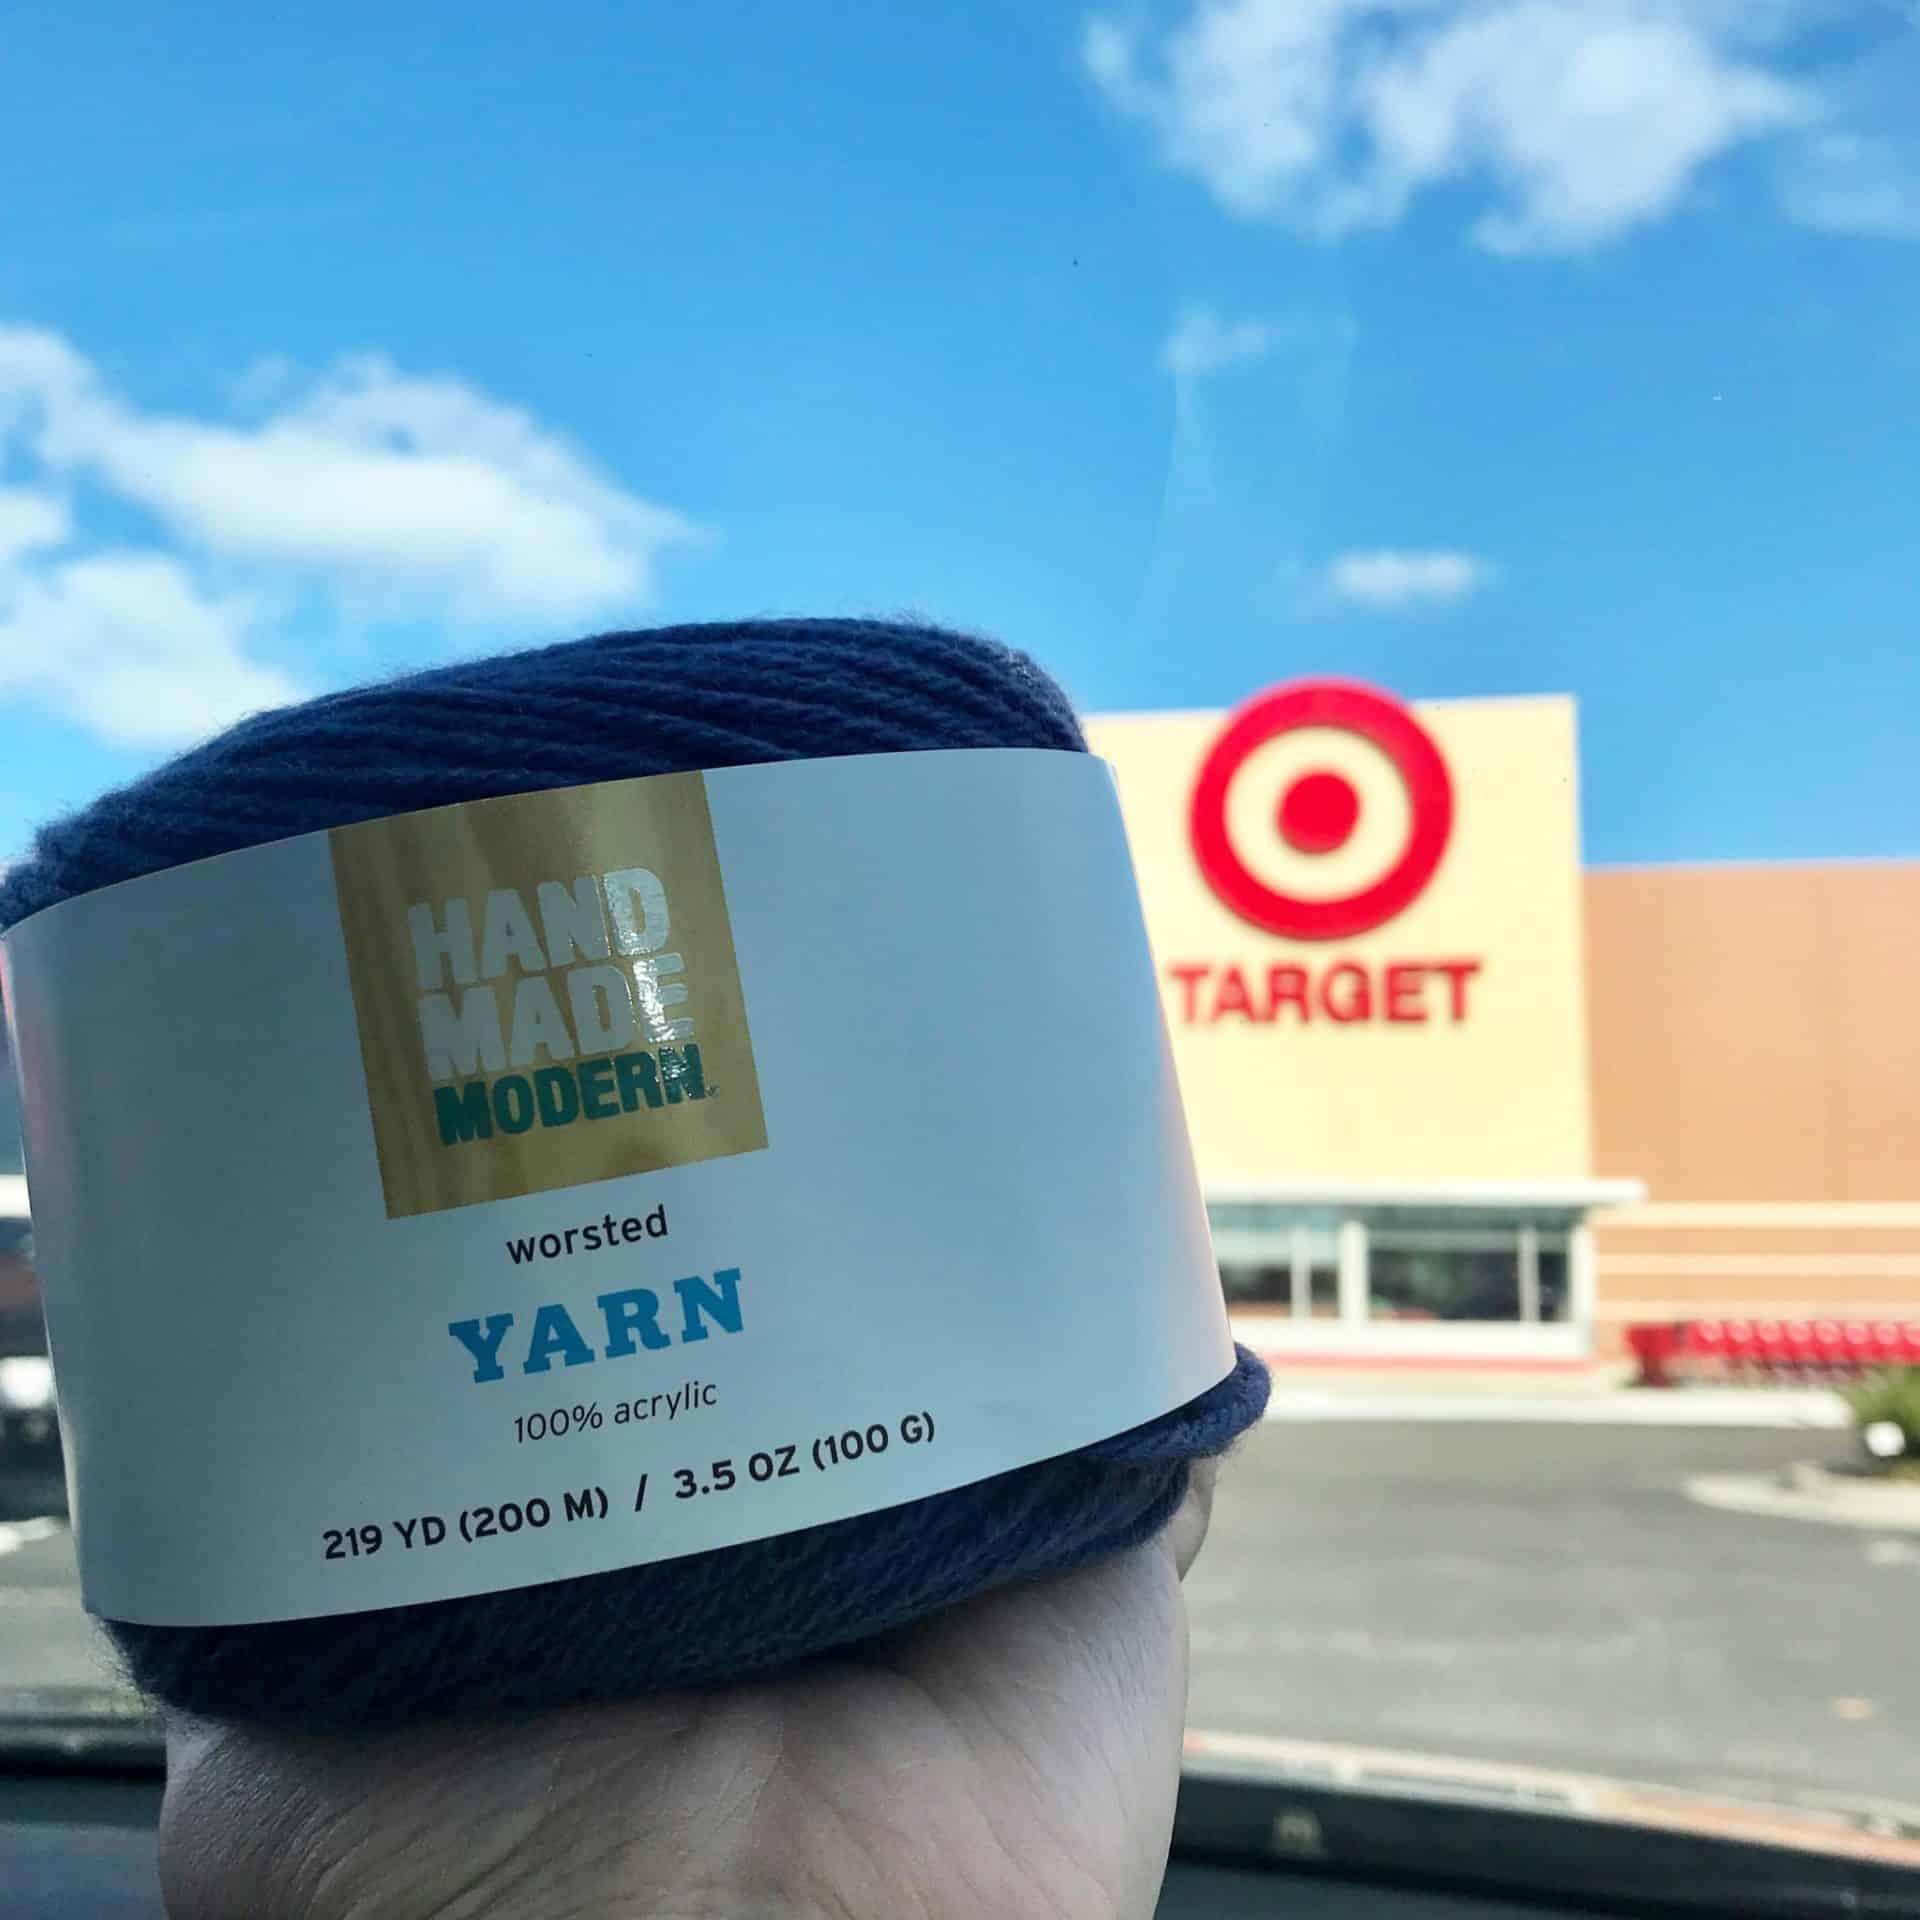 Target Hand Made Modern Yarn